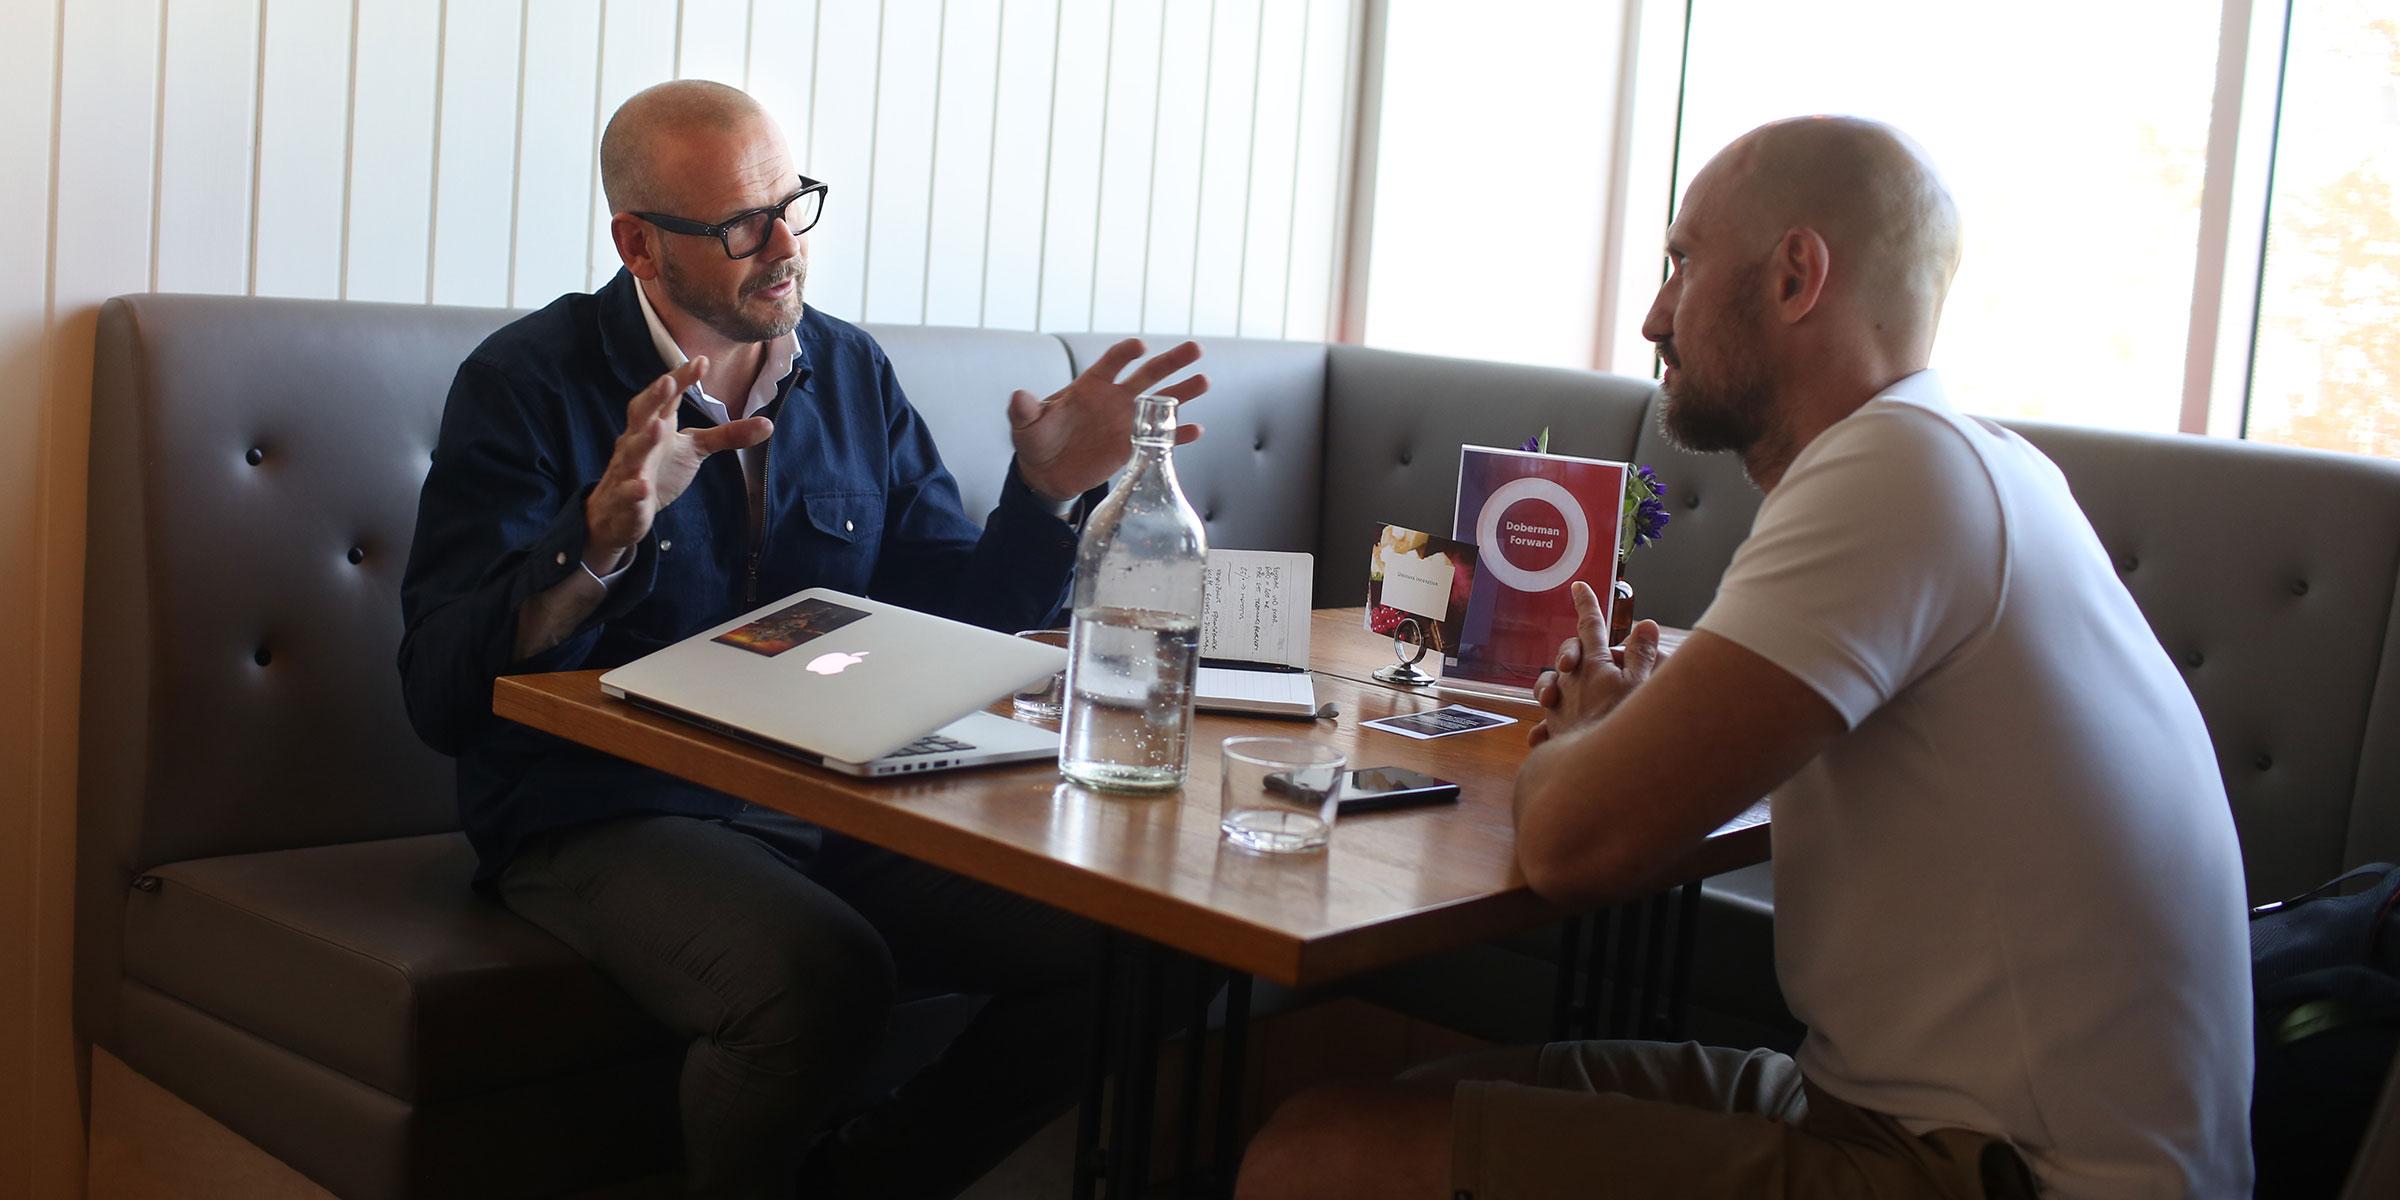 Magnus Bergmark, investerare från Doberman Forward, träffar Mikael Östberg från startupbolaget Memotus.